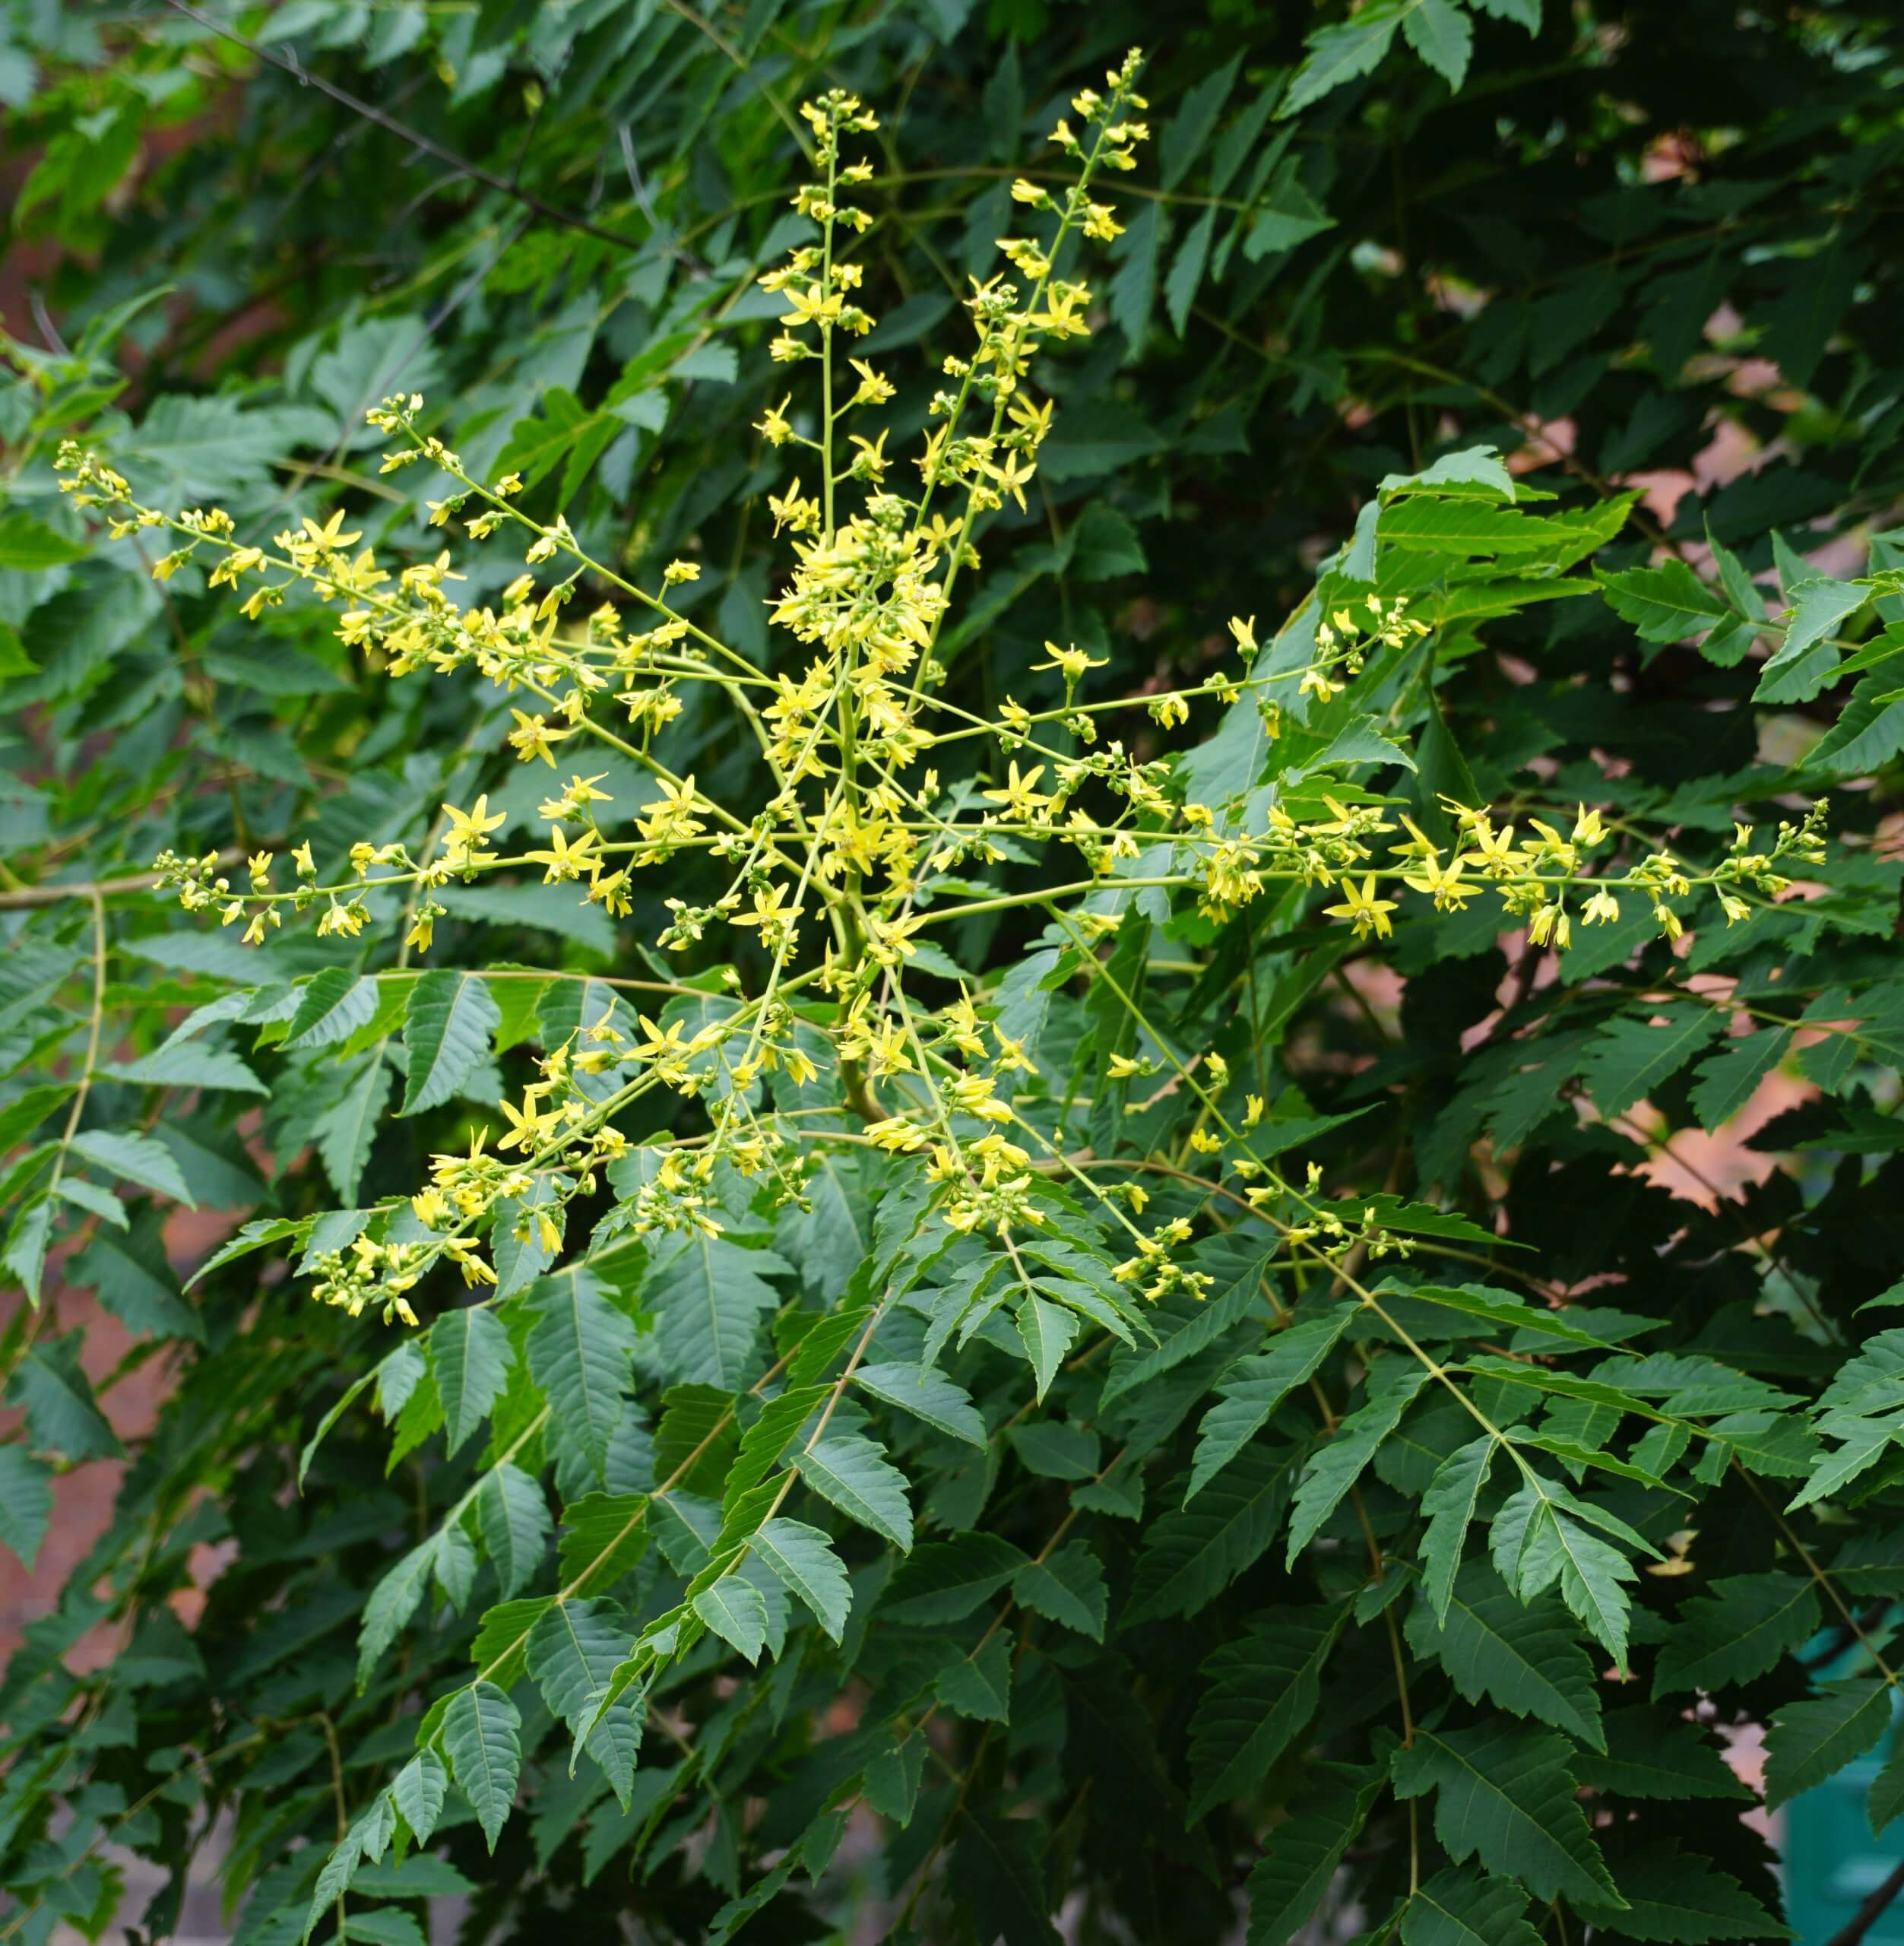 Das Bild zeigt die Blütenrispe einer Blasenesche mit zahlreichen ansitzenden gelben Einzelblüten. Hierbei sind die meist vier einseitig wegstrebenden gelben Kronblätter auffällig.